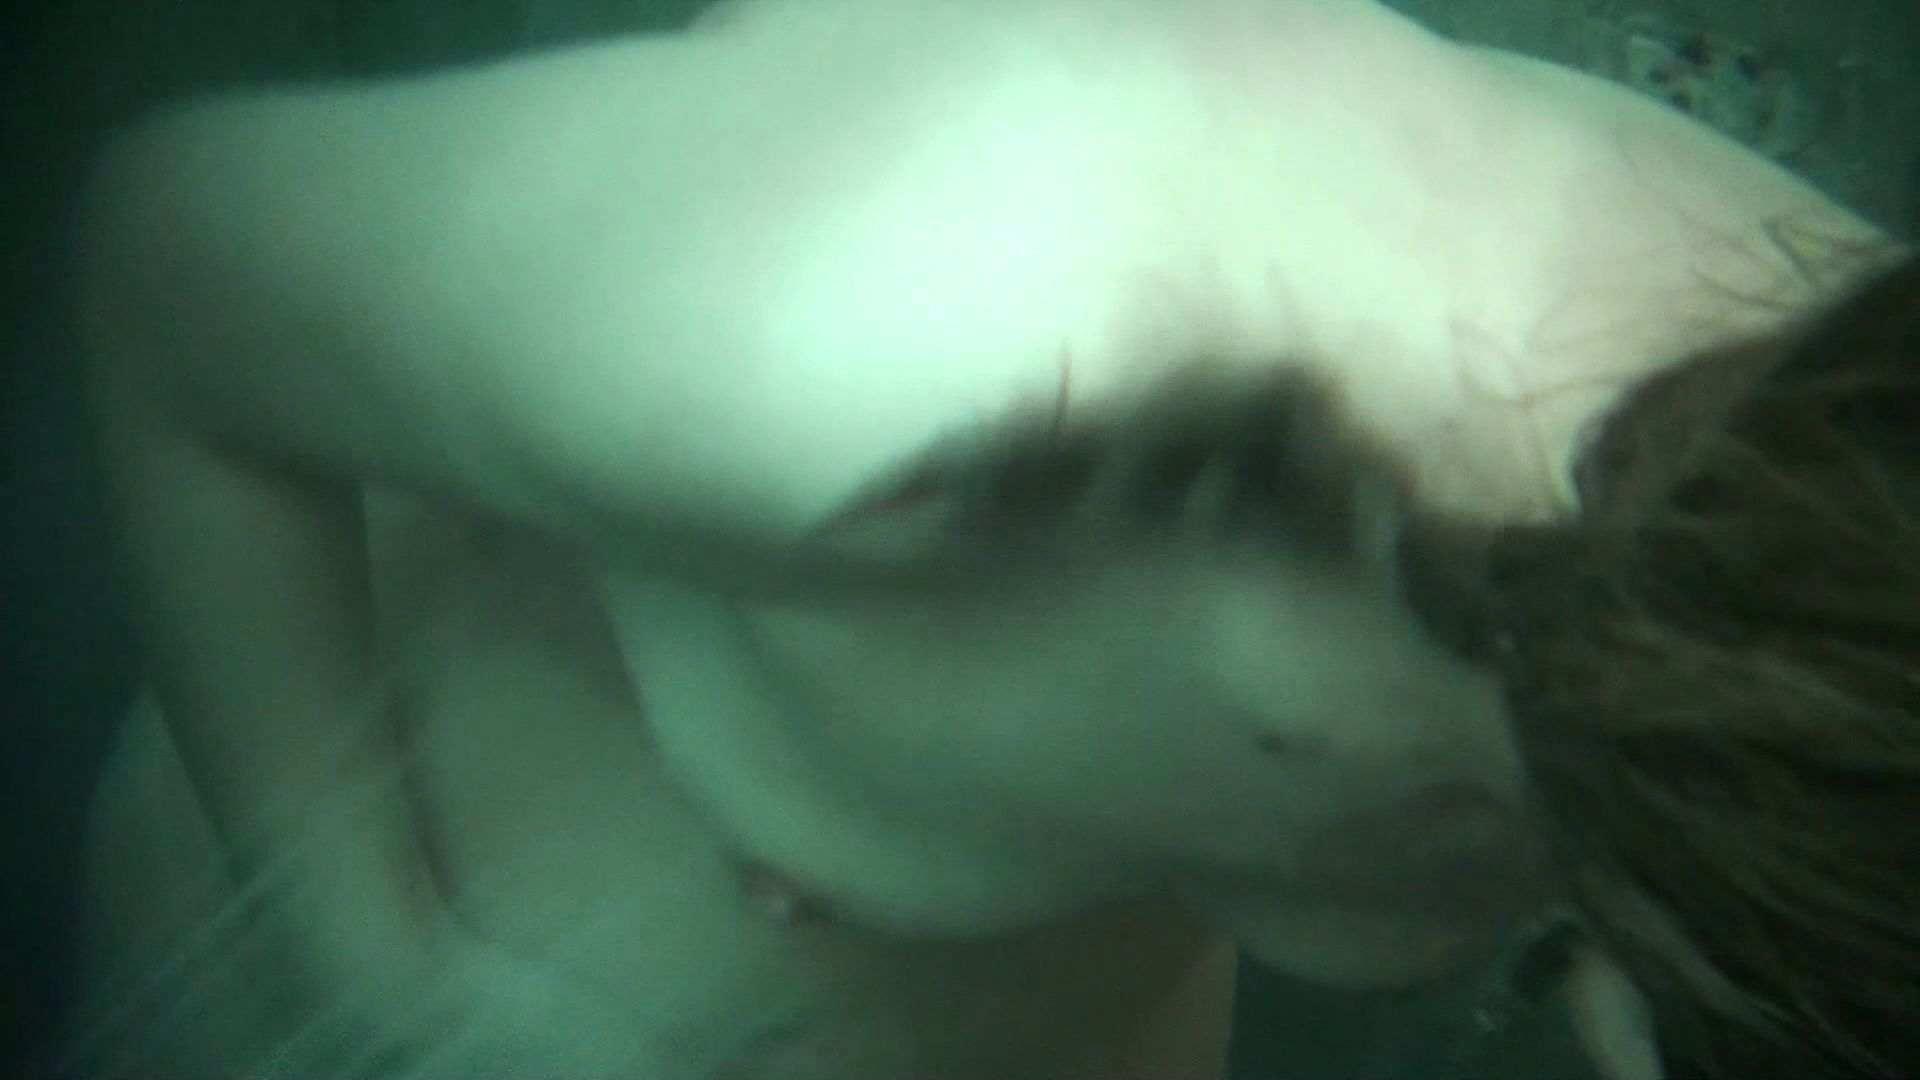 シャワールームは超!!危険な香りVol.12 女性のおまんこには予想外の砂が混入しているようです。 おまんこ無修正  50pic 20